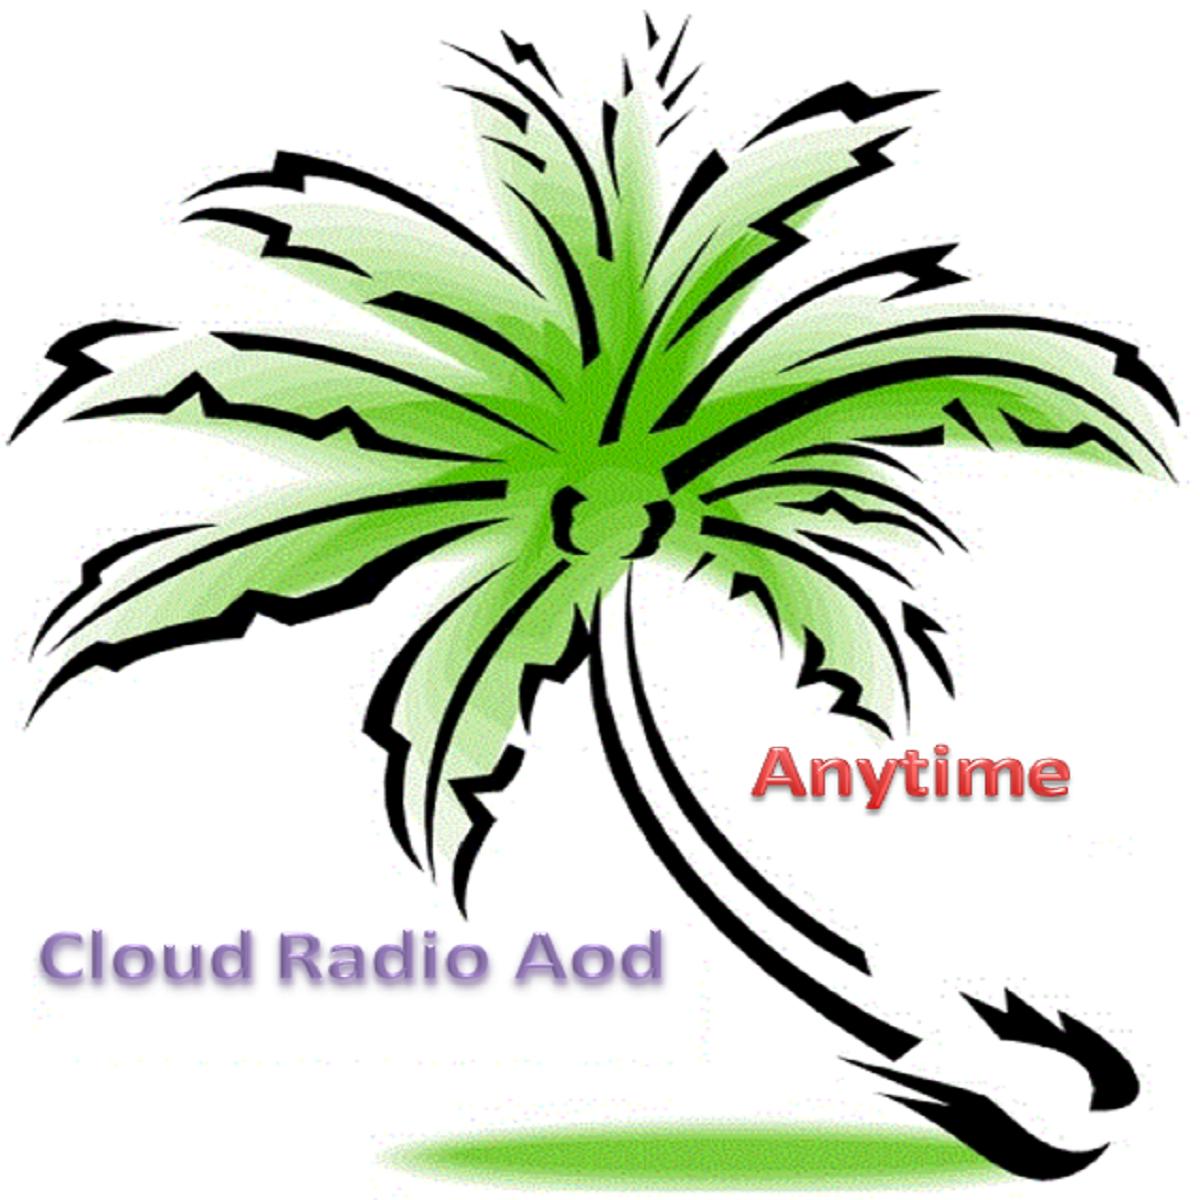 Cloud Radio Aod